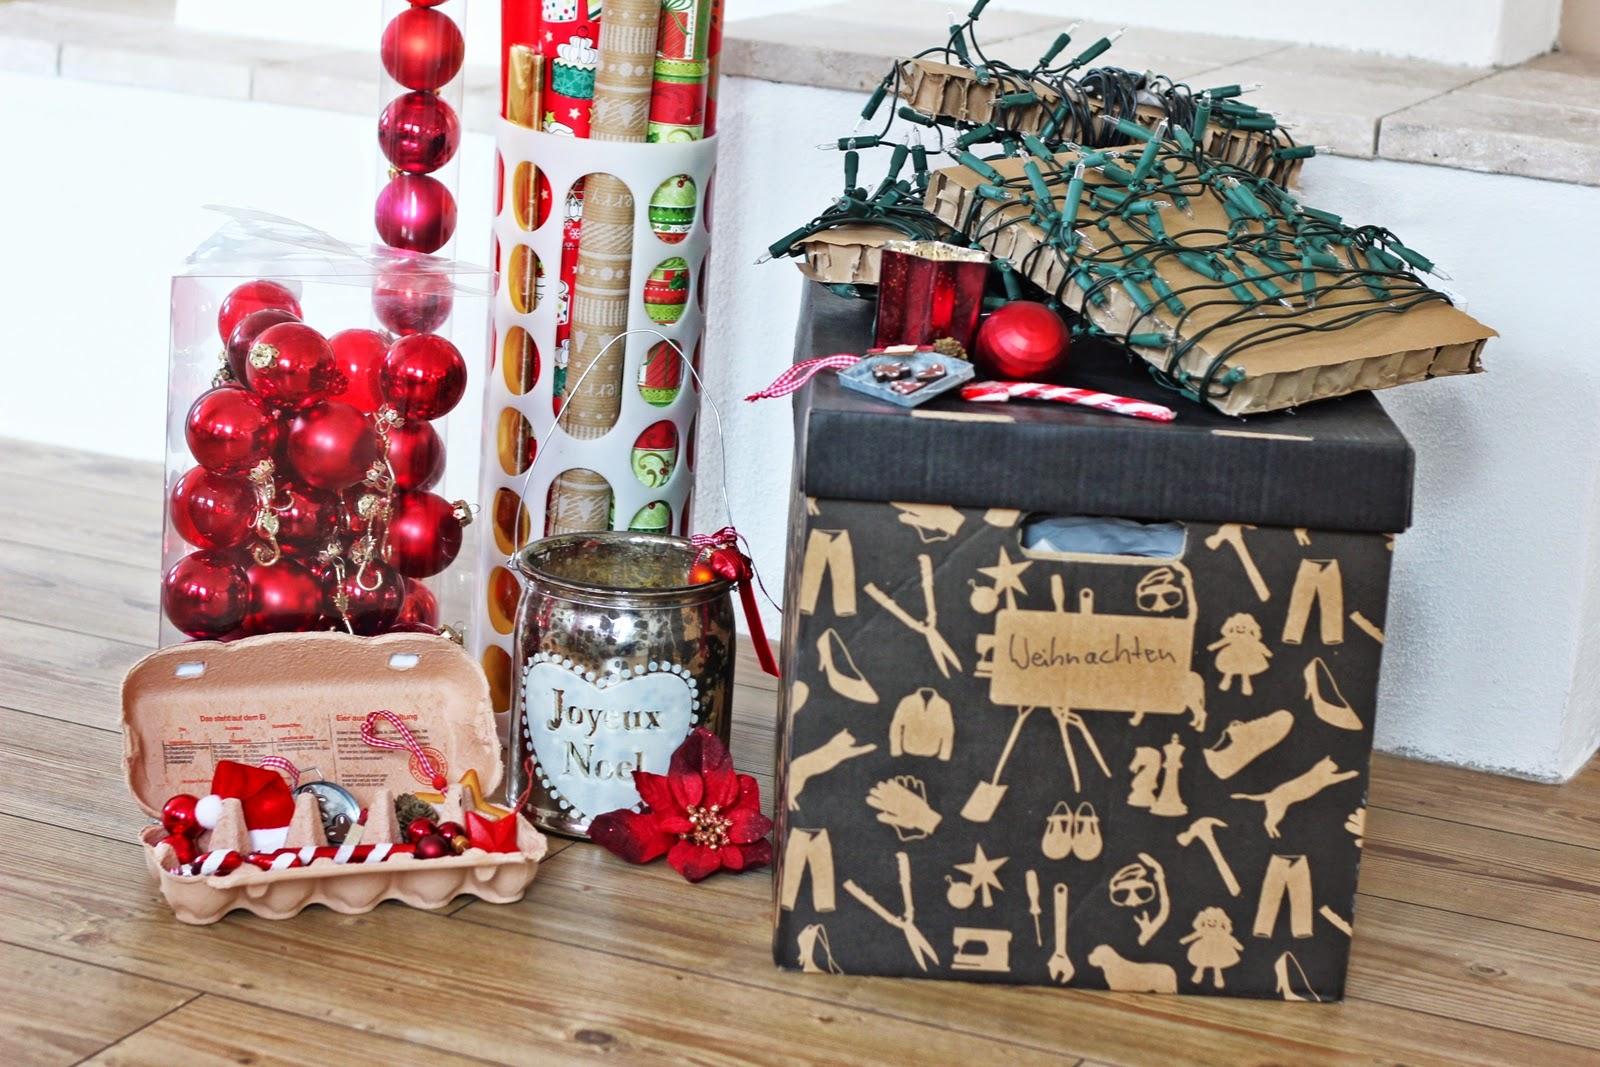 ikea aufbewahrung weihnachtskugeln. Black Bedroom Furniture Sets. Home Design Ideas